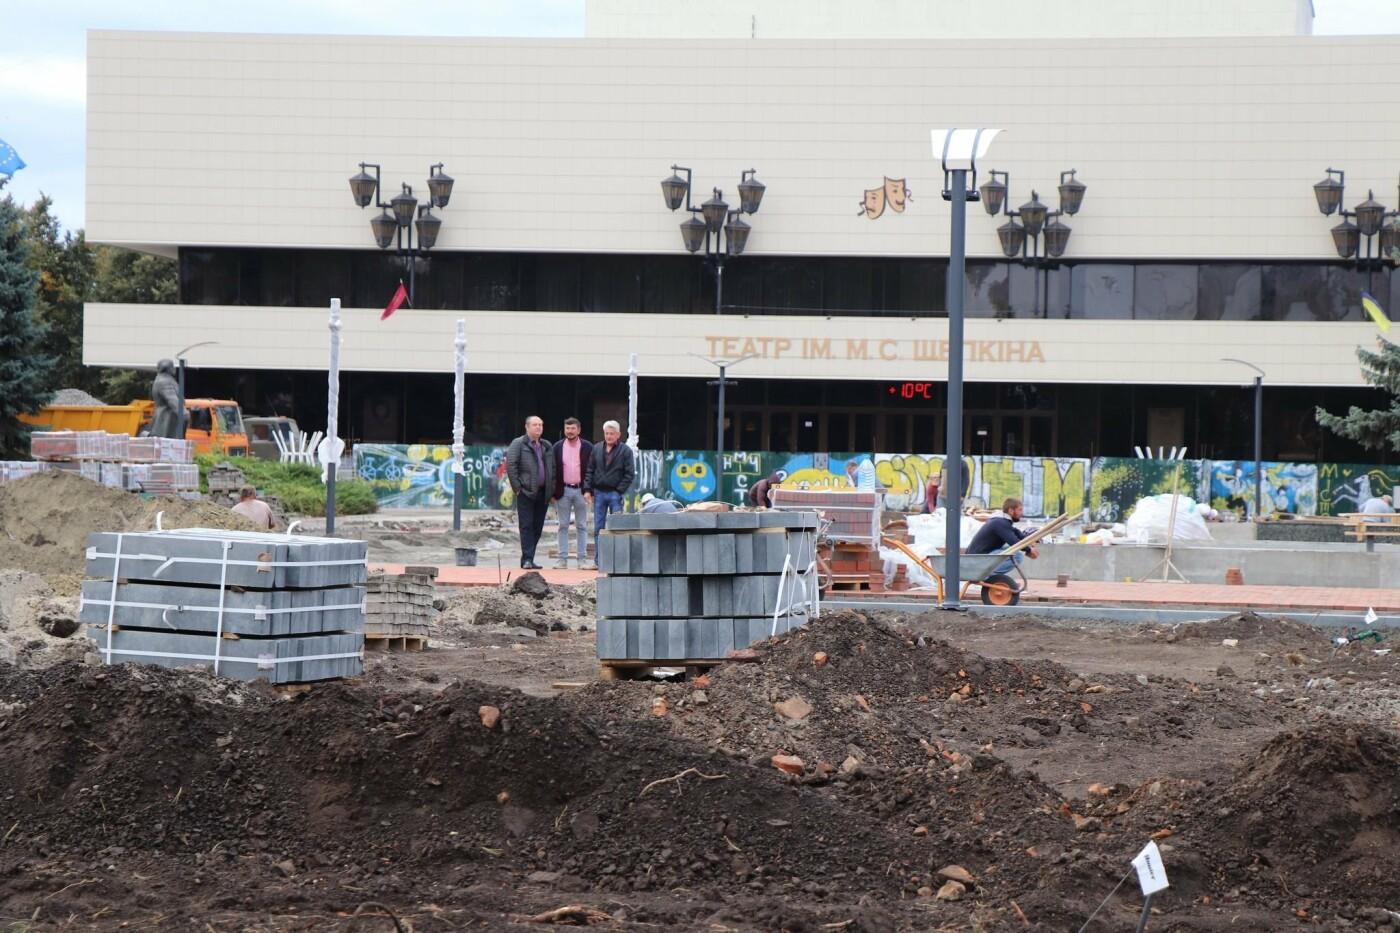 Олександр Лисенко: Роботи з реконструкції Театральної площі тримаю на особистому контролі, фото-1